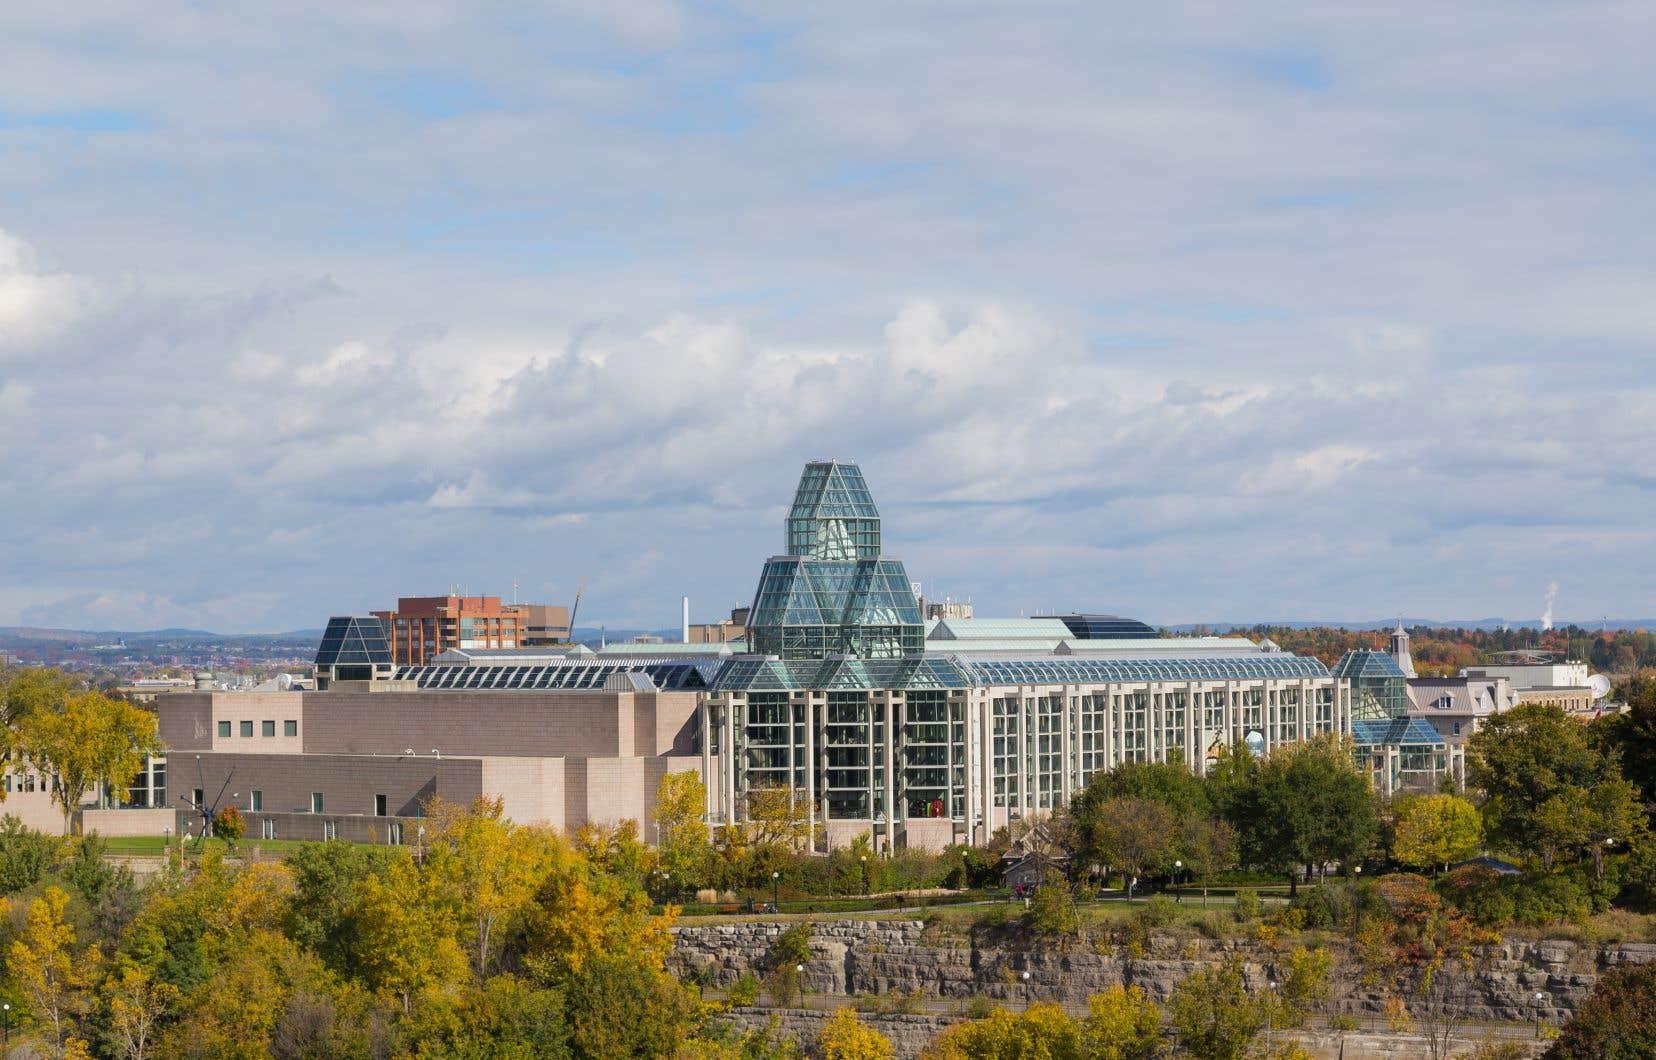 Malgré le tollé provoqué par sa décision, le Musée des beaux-arts du Canada a réaffirmé son intention de vendre «La tour Eiffel» de Chagall.